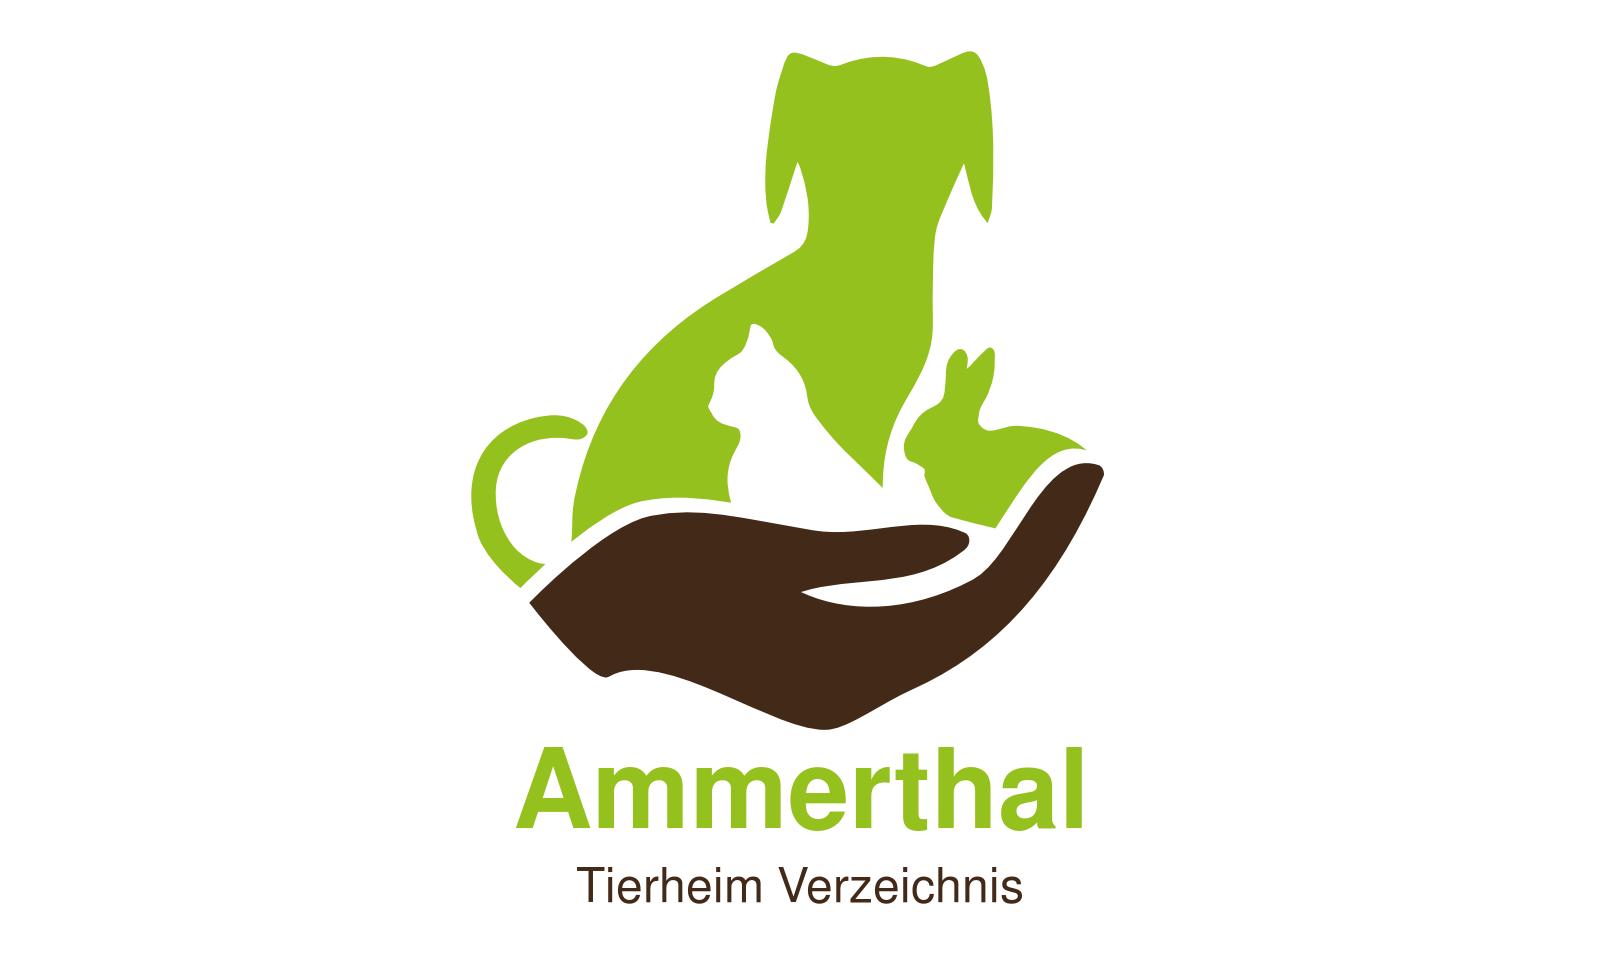 Tierheim Ammerthal